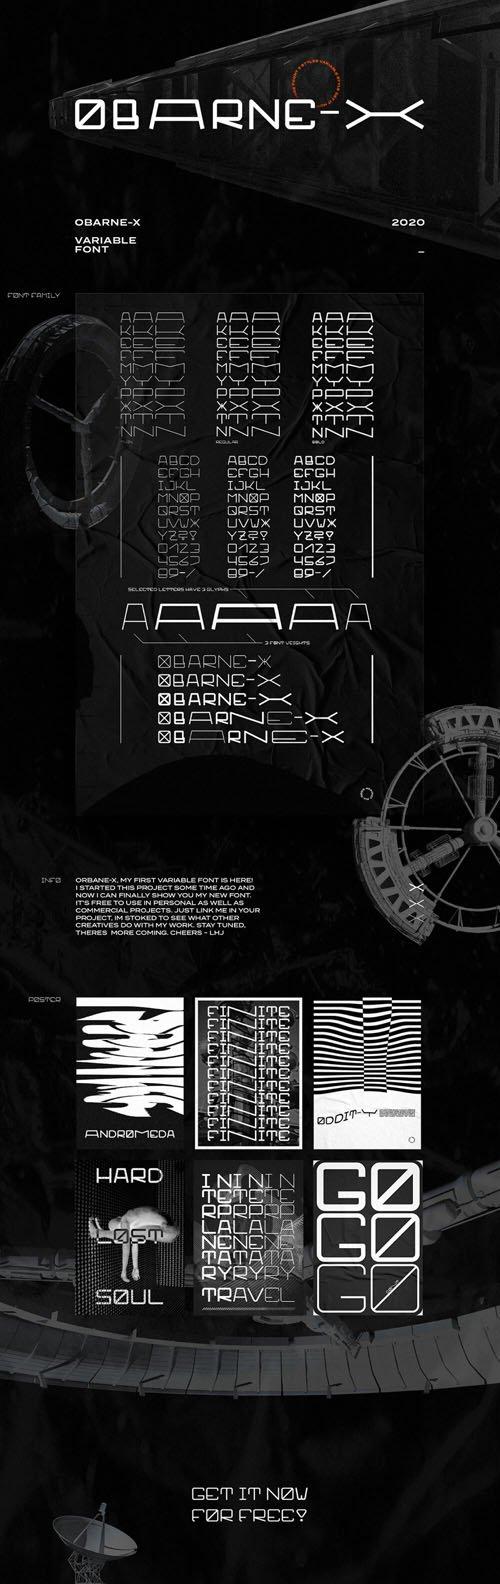 Obarne-X Sans Serif Font [3-Weights] + SVG Font